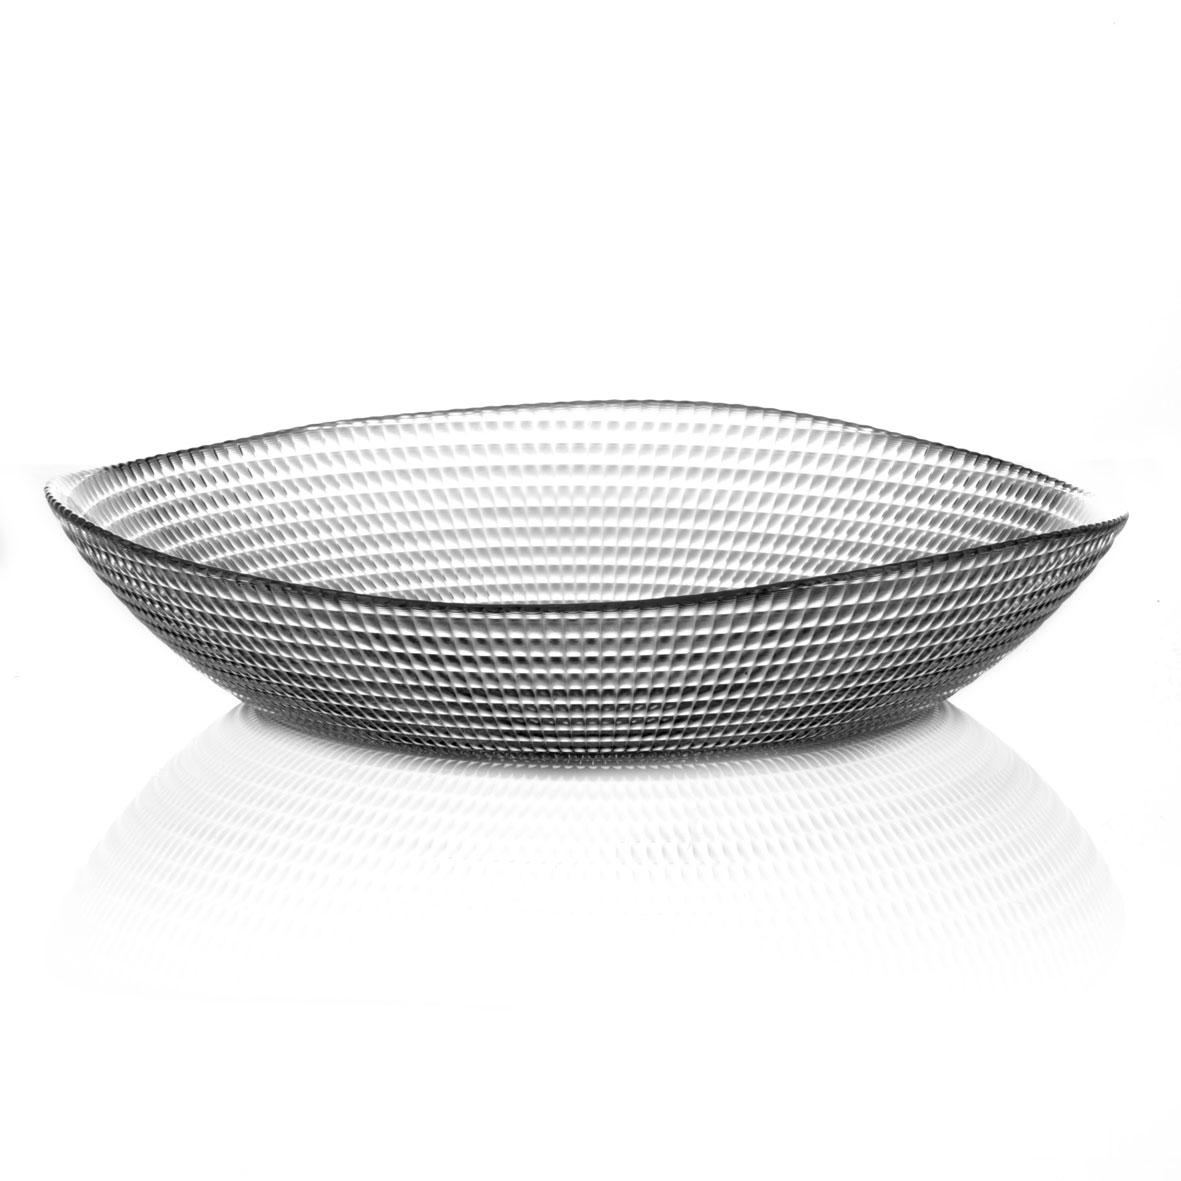 """Салатник Pasabahce """"Paella"""", изготовленный из прочного натрий-силикатного стекла, прекрасно впишется в интерьер вашей кухни и станет достойным дополнением к кухонному инвентарю. Такой салатник не только украсит ваш кухонный стол и подчеркнет прекрасный вкус хозяйки, но и станет отличным подарком.   Размер салатника: 28,6 см х 29 см. Высота стенки салатника: 6 см."""